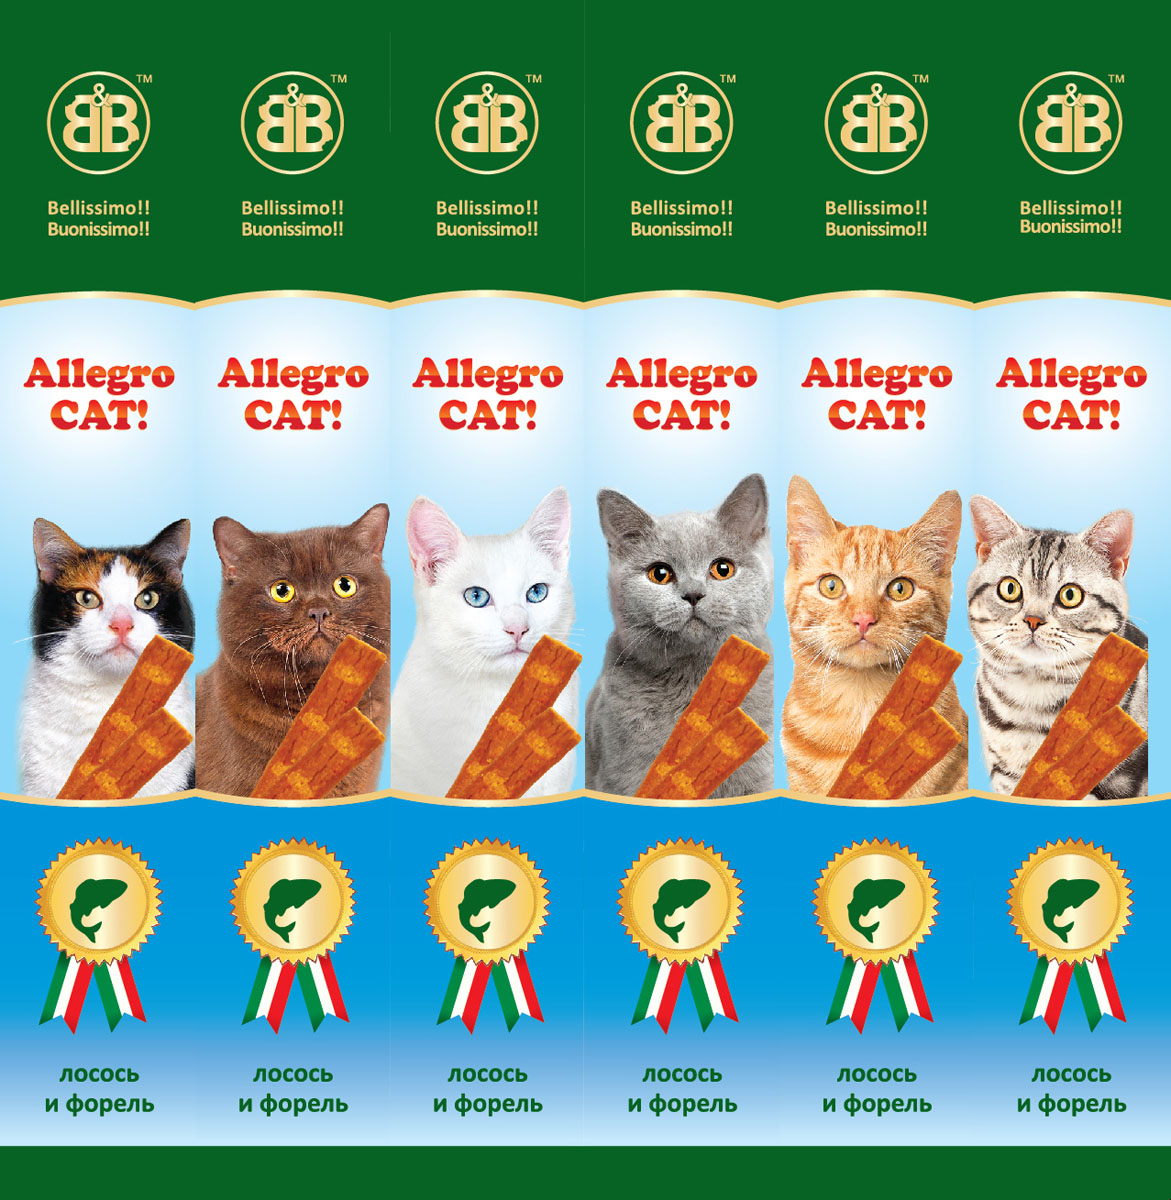 """Лакомство для кошек """"B&B Allegro Cat"""", мясные колбаски из лосося и форели, 6х5 г"""